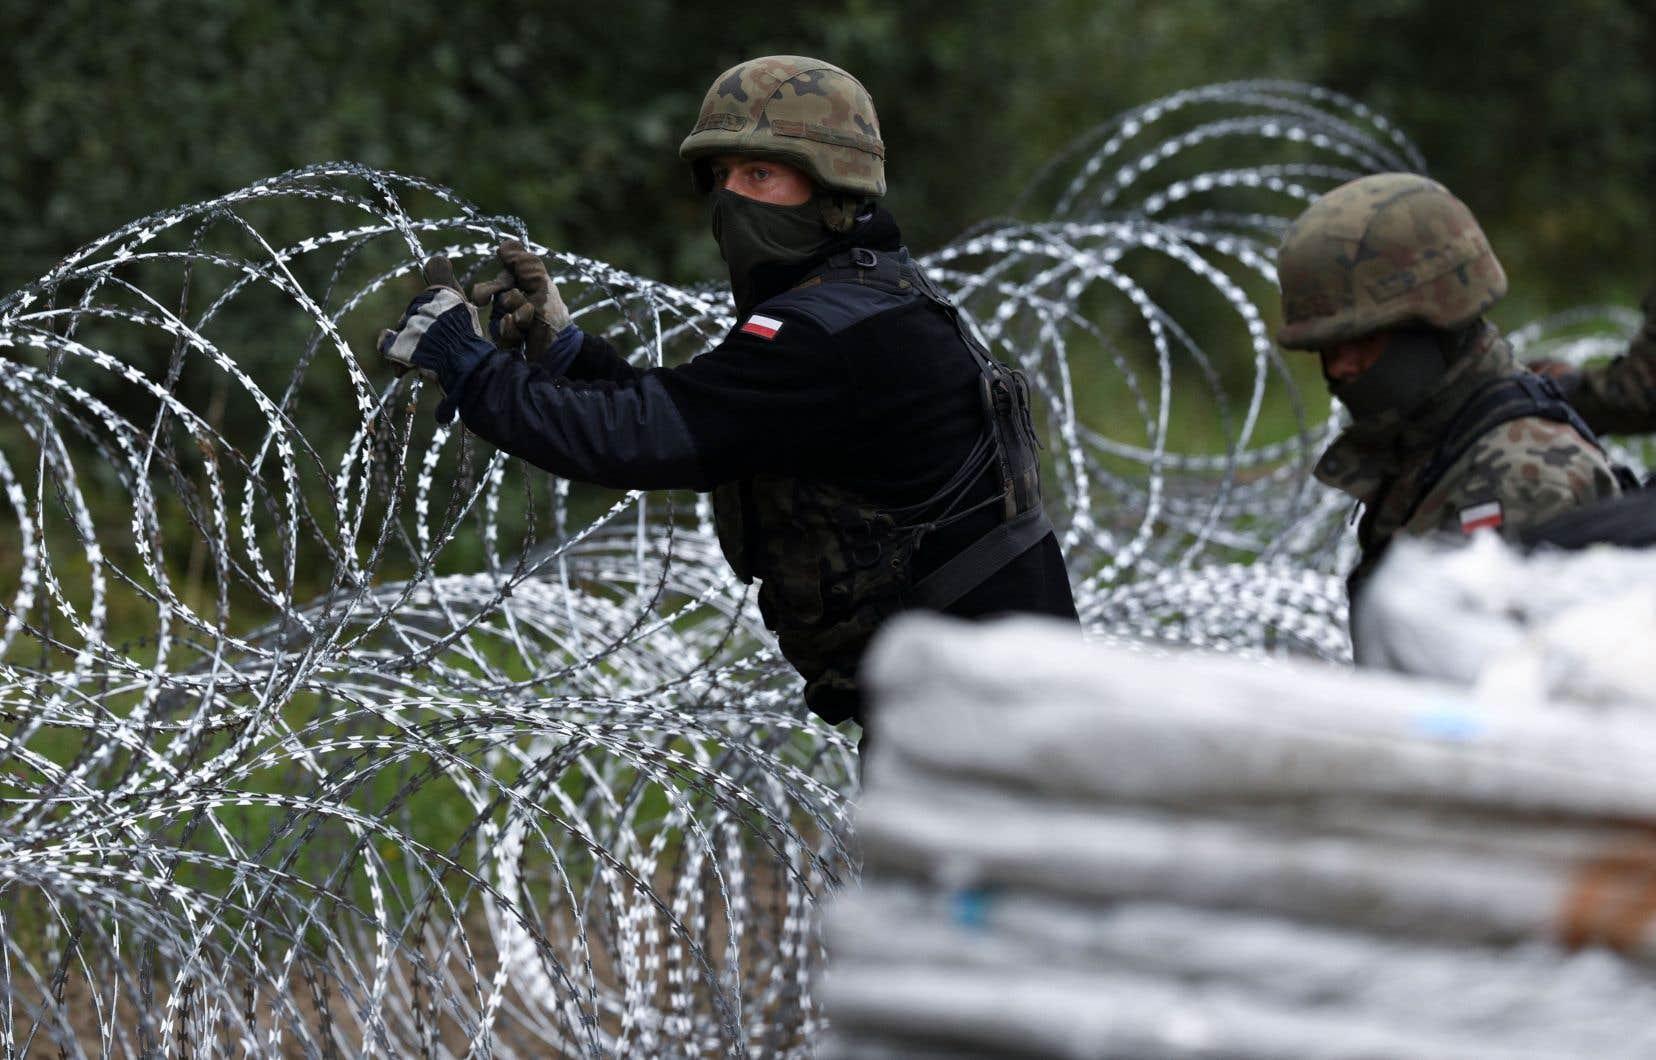 La Pologne a commencé à construire des clôtures de barbelés sur une partie de sa frontière avec la Biélorussie.